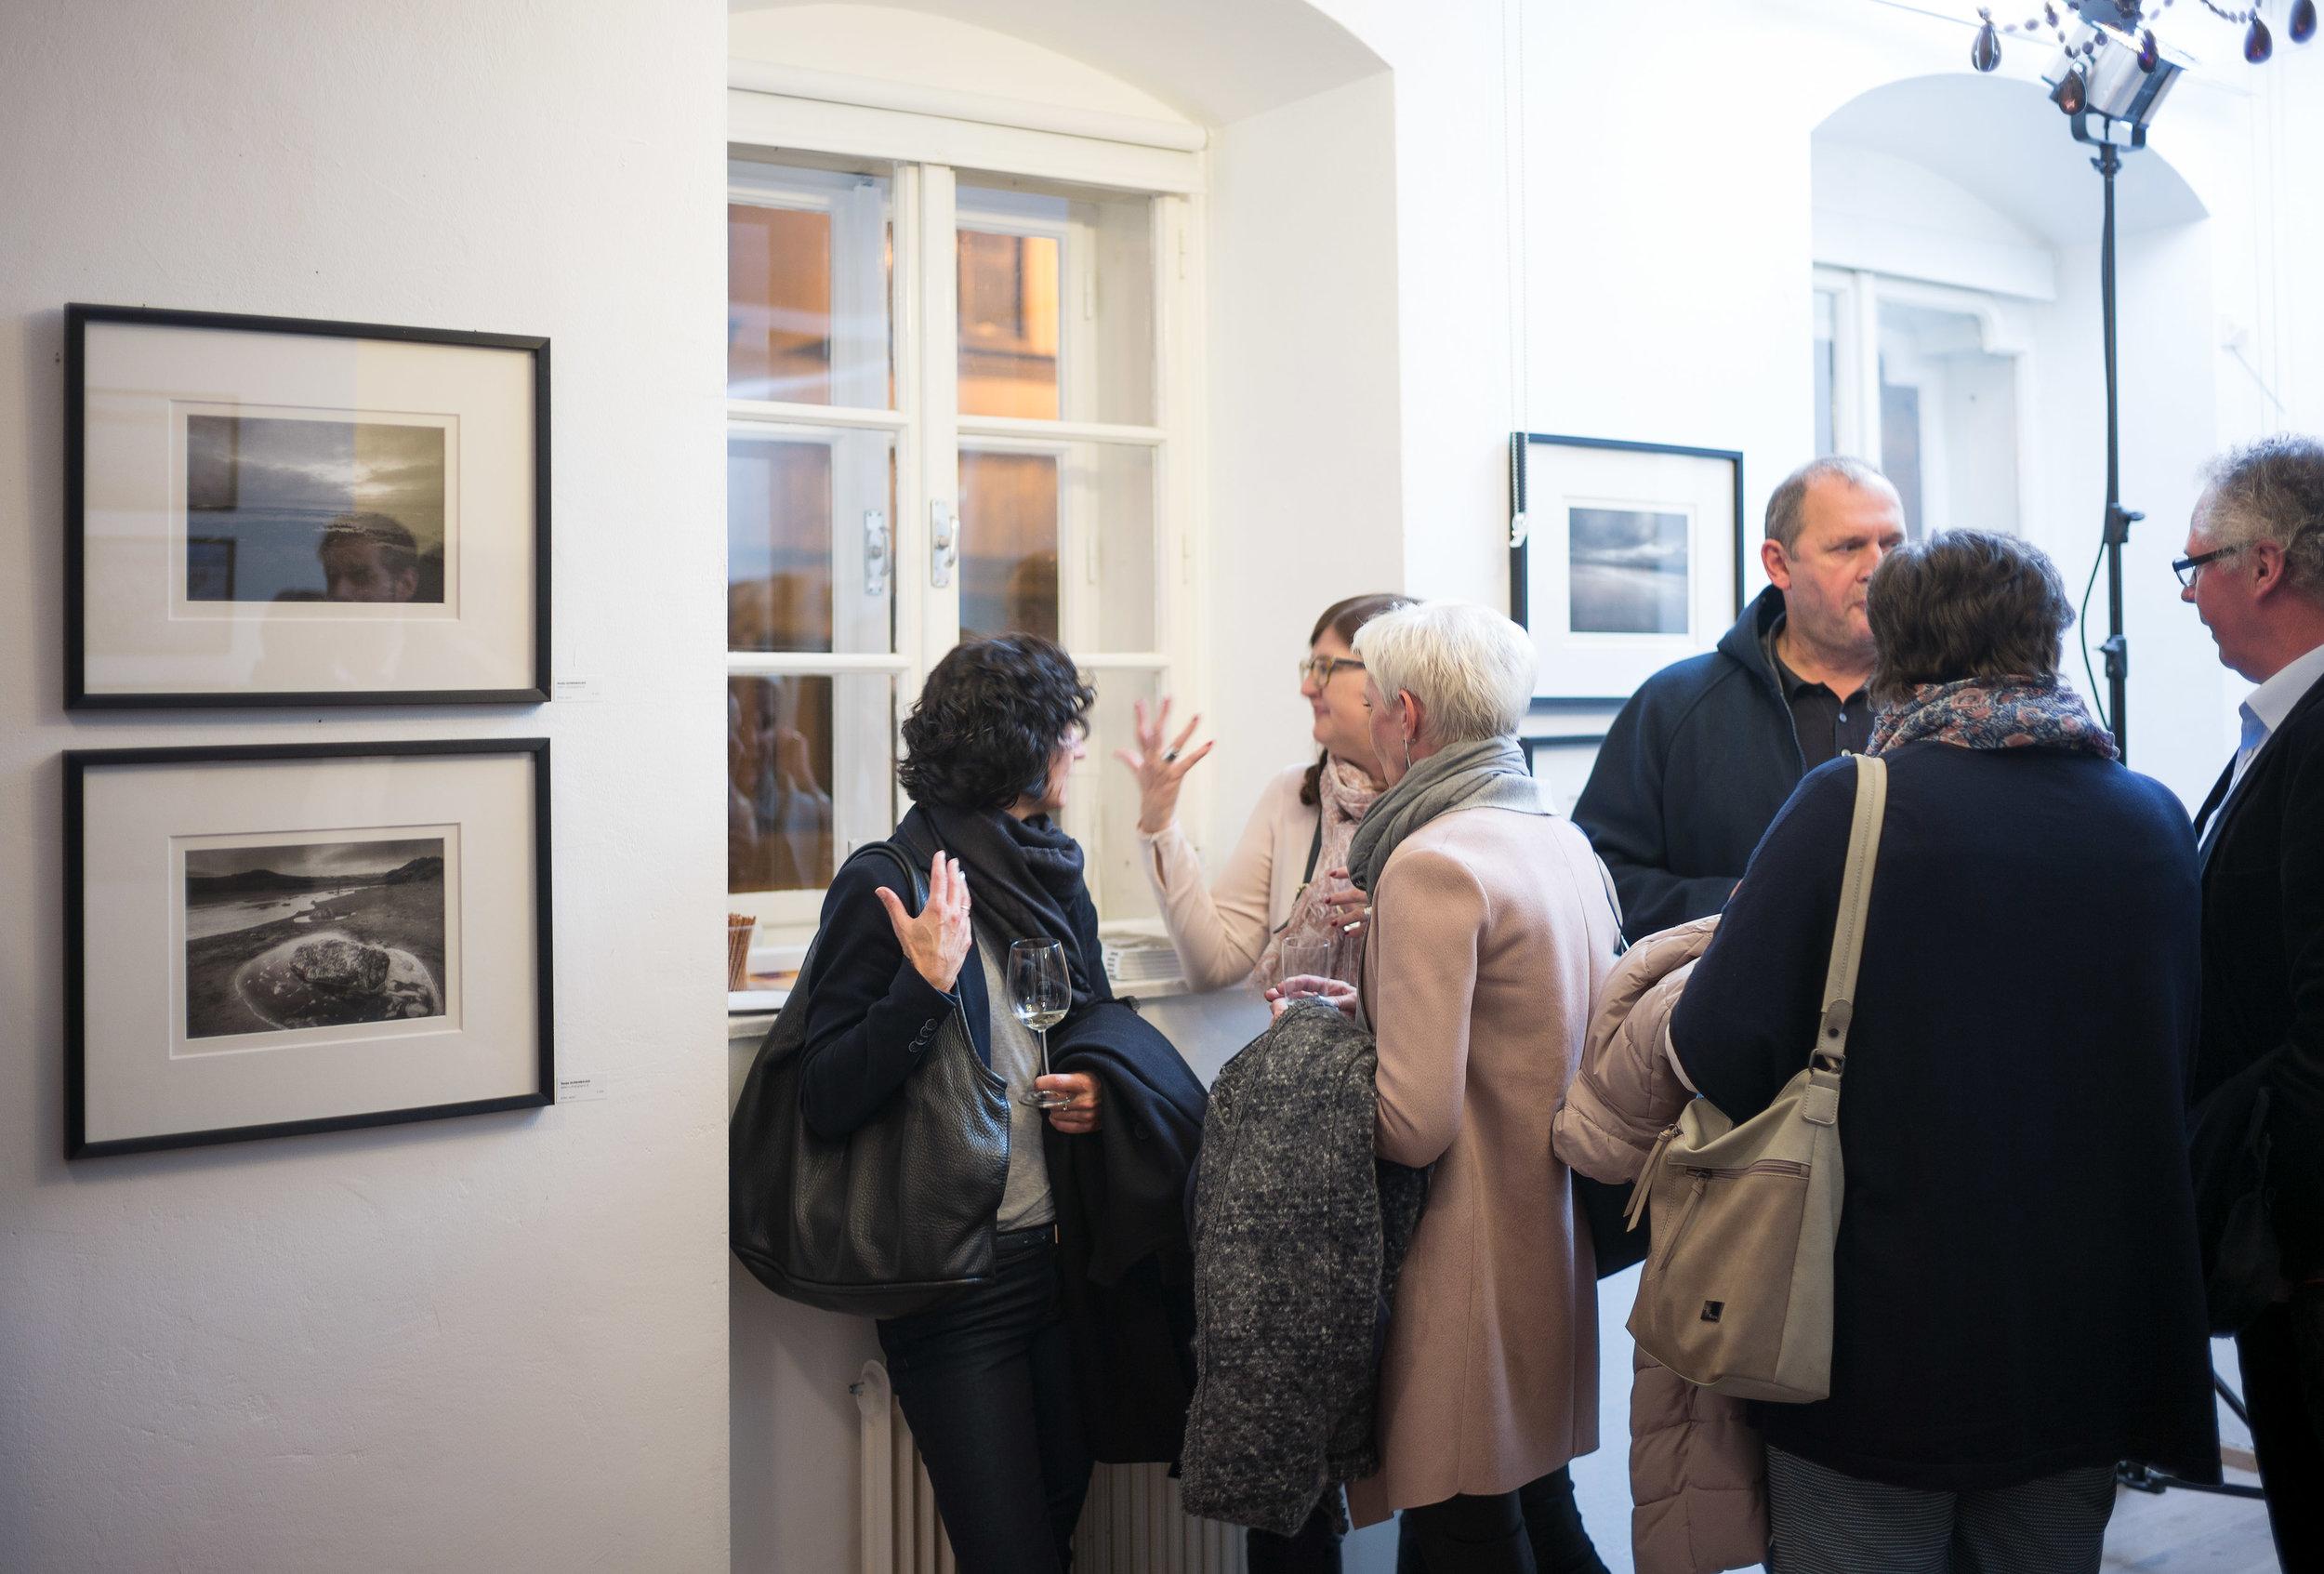 Galerie_LIK_ireland036.jpg